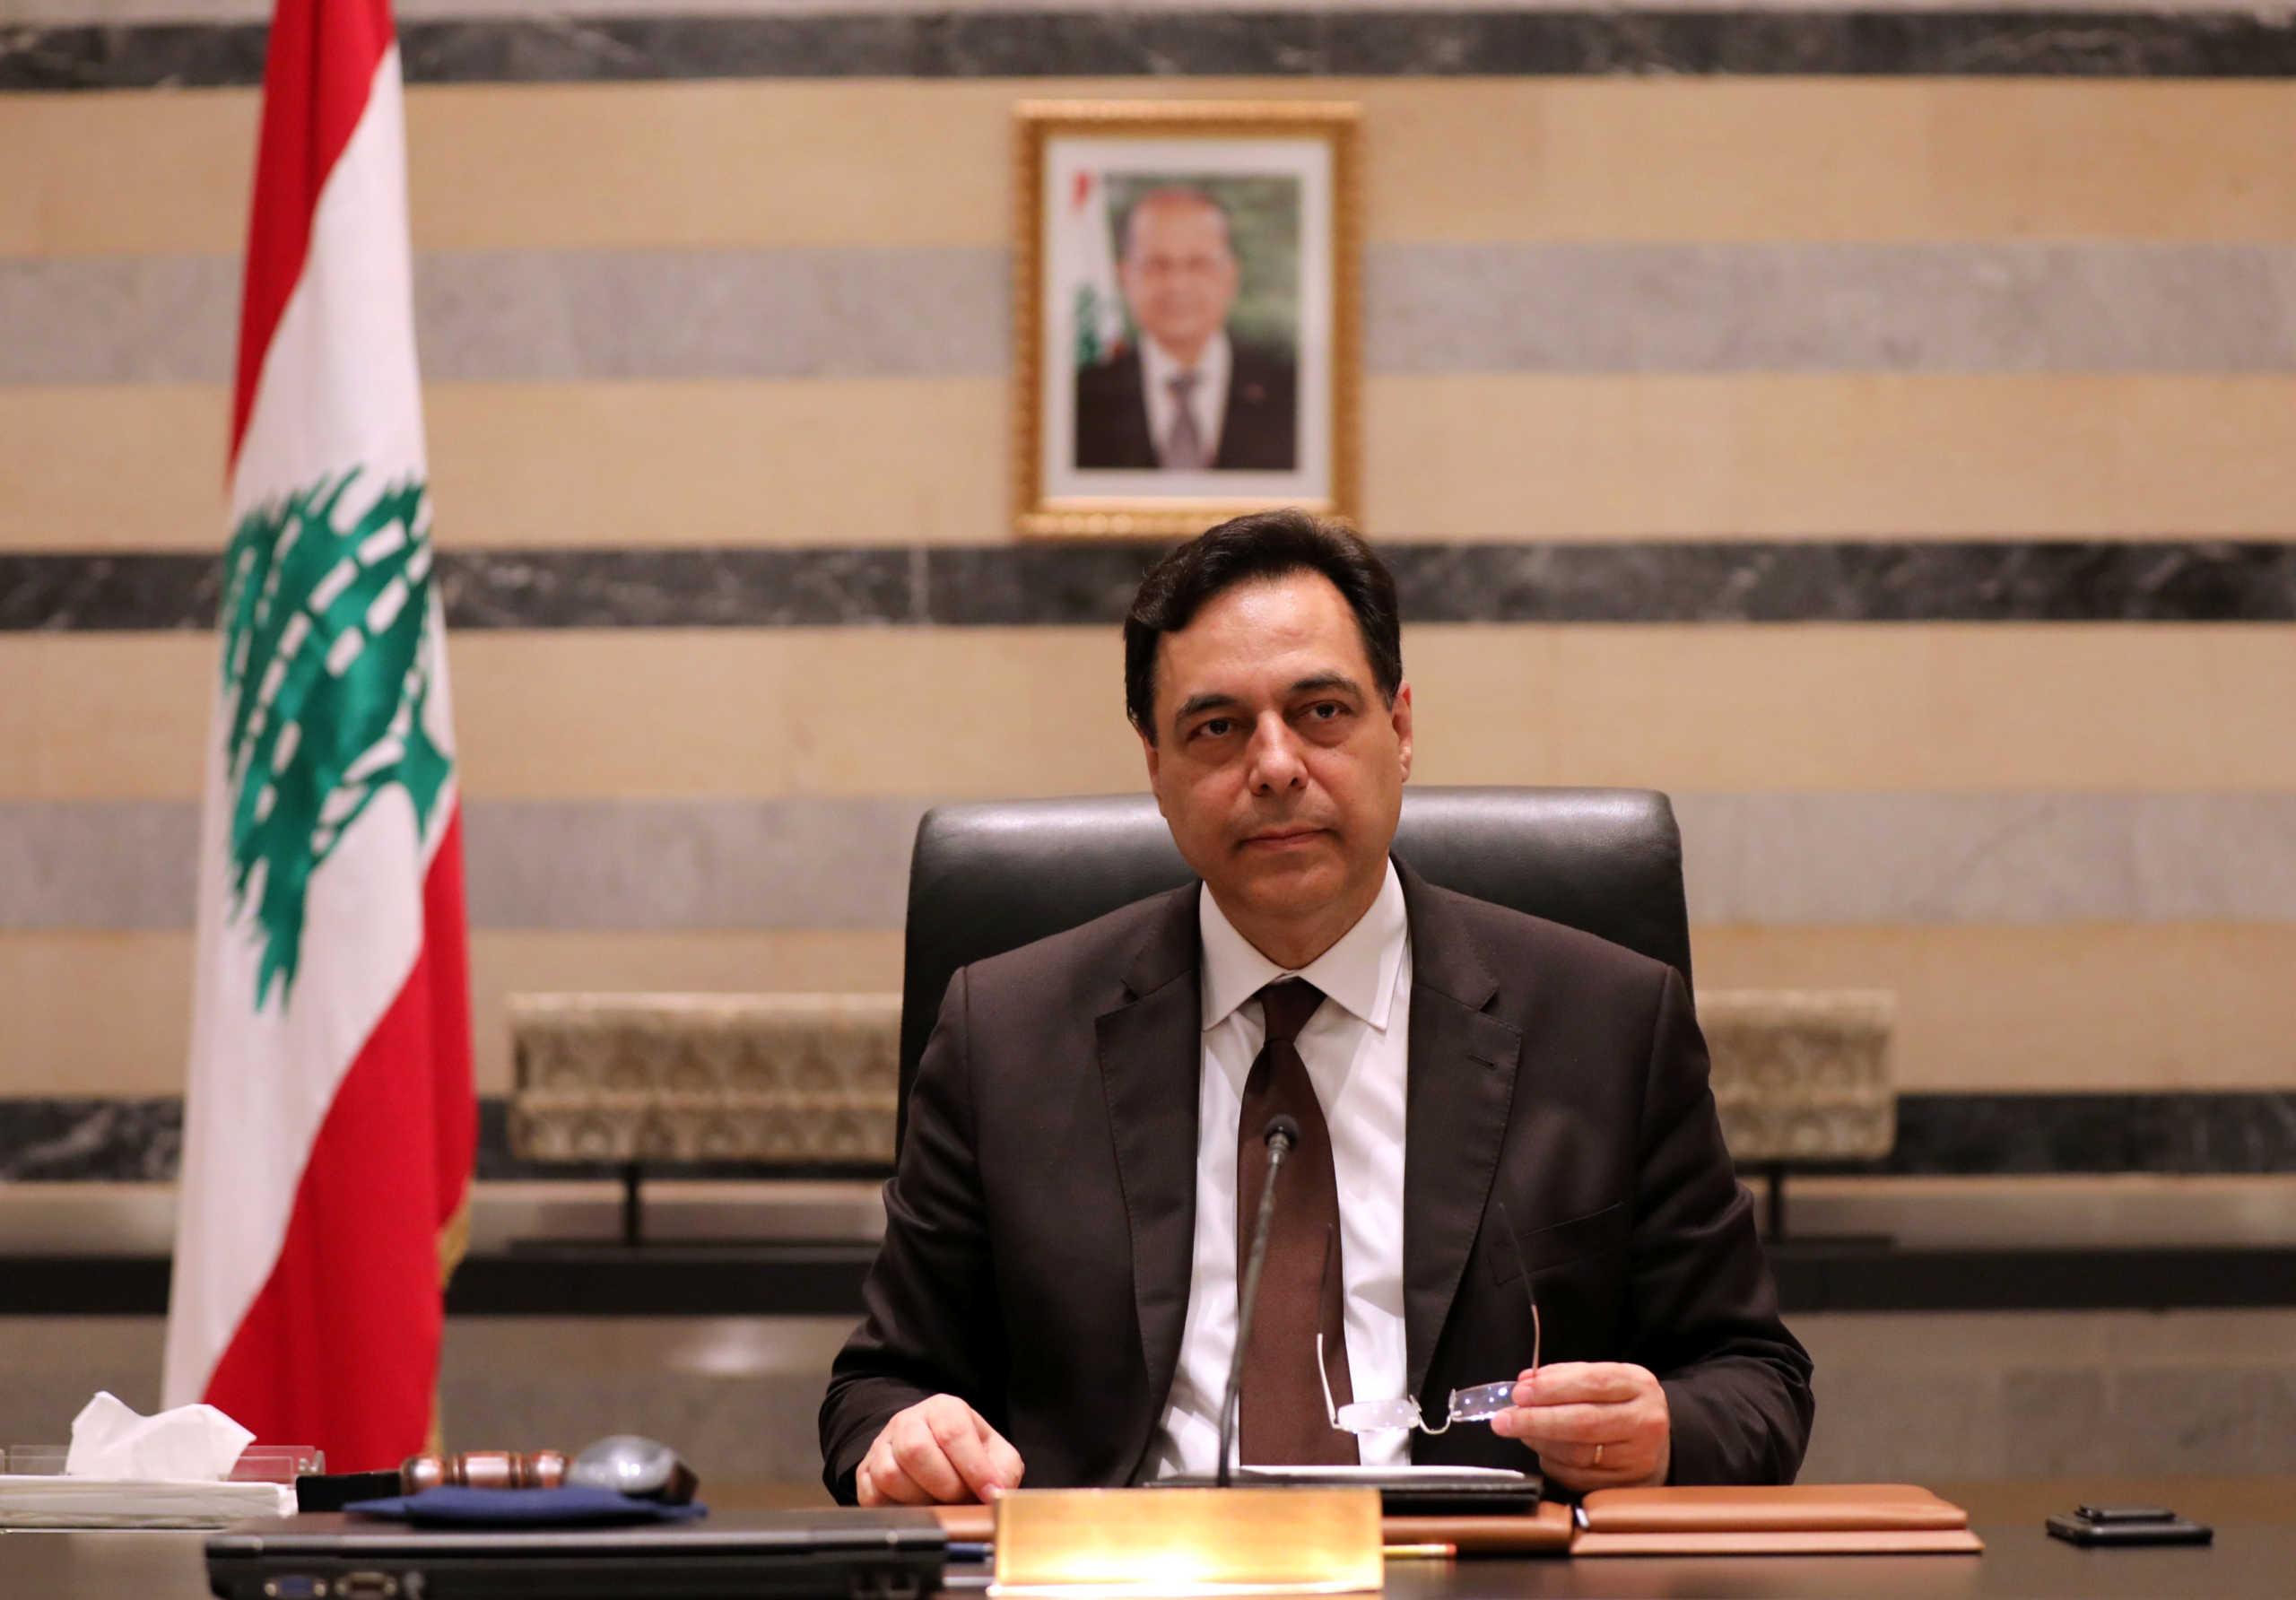 Λίβανος: Παραιτήθηκε η κυβέρνηση μετά την οργή για τη φονική έκρηξη στη Βηρυτό